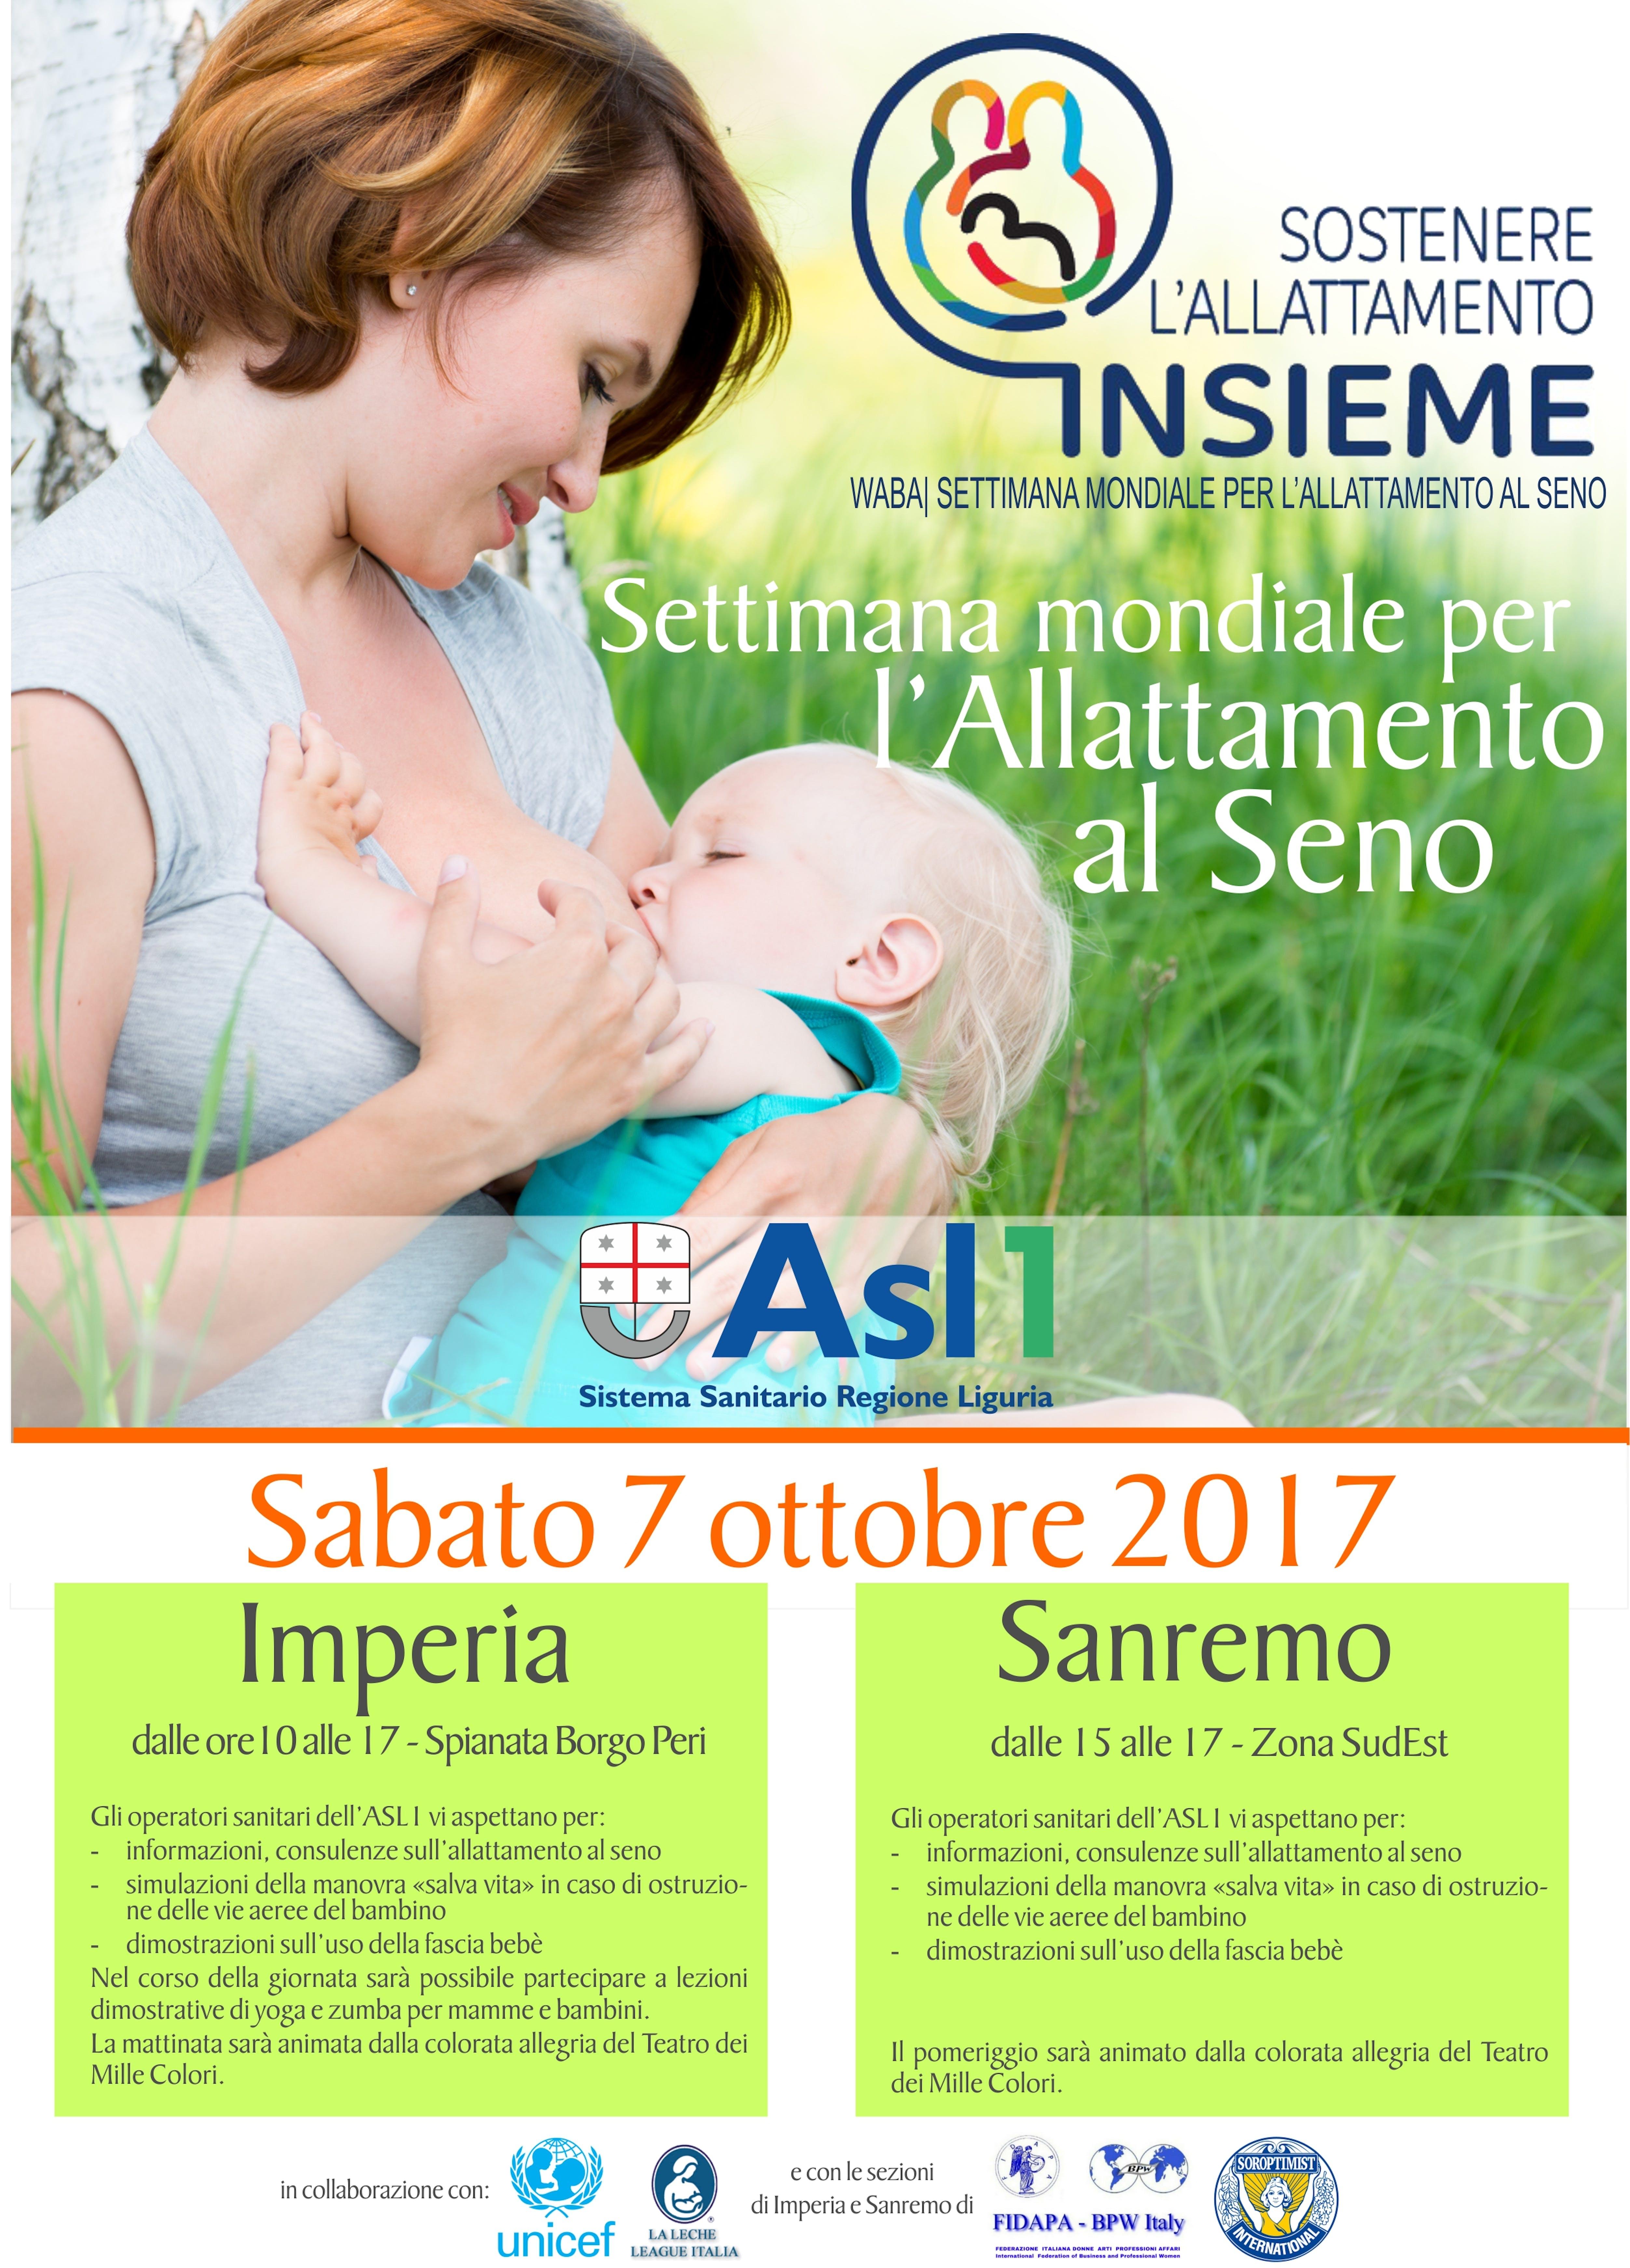 Imperia e Sanremo, la ASL in piazza per la Settimana mondiale allattamento al seno